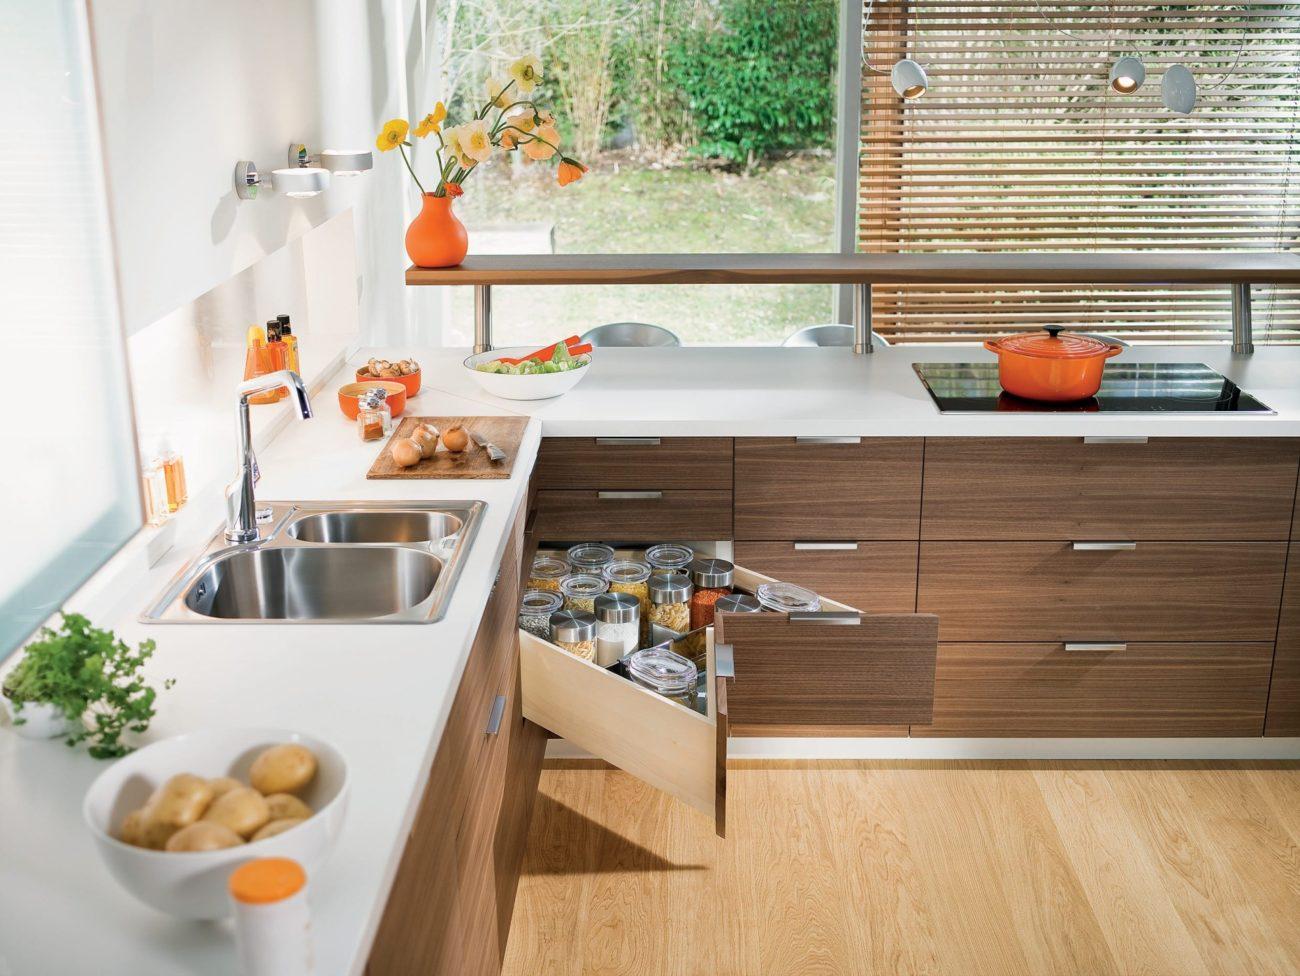 Full Size of Eckunterschrank Küche 80 Eckunterschrank Mit Karussell Küche Eckunterschrank Küche Spüle Eckunterschrank Küche 80 X 60 Küche Eckunterschrank Küche